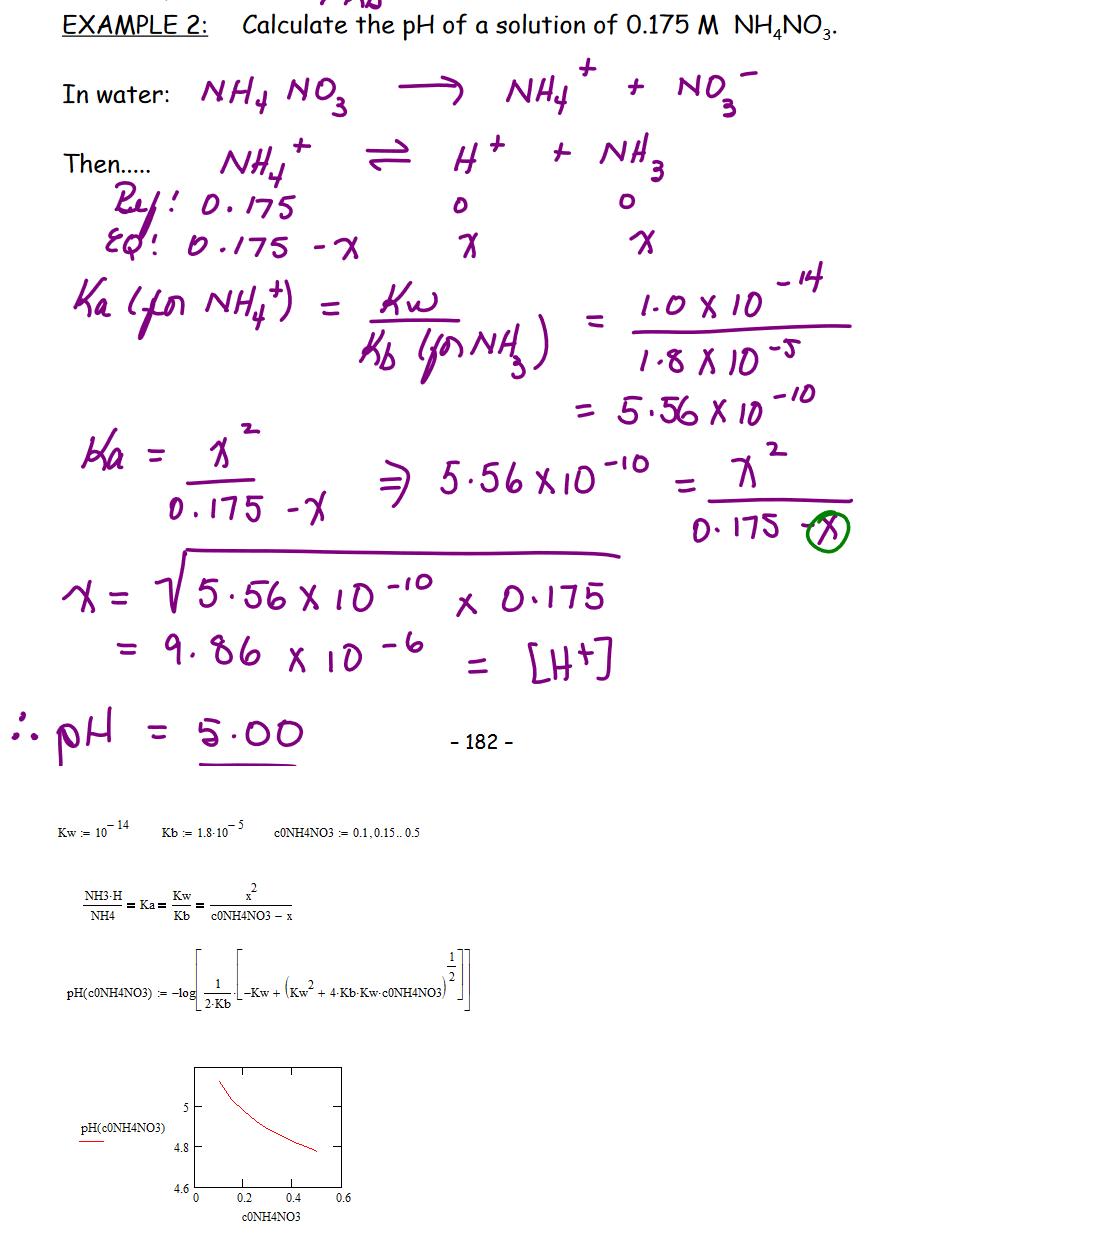 http://forum.matematika.cz/upload3/img/2017-12/05993_%25C3%25B4j%25C3%25B4l.png